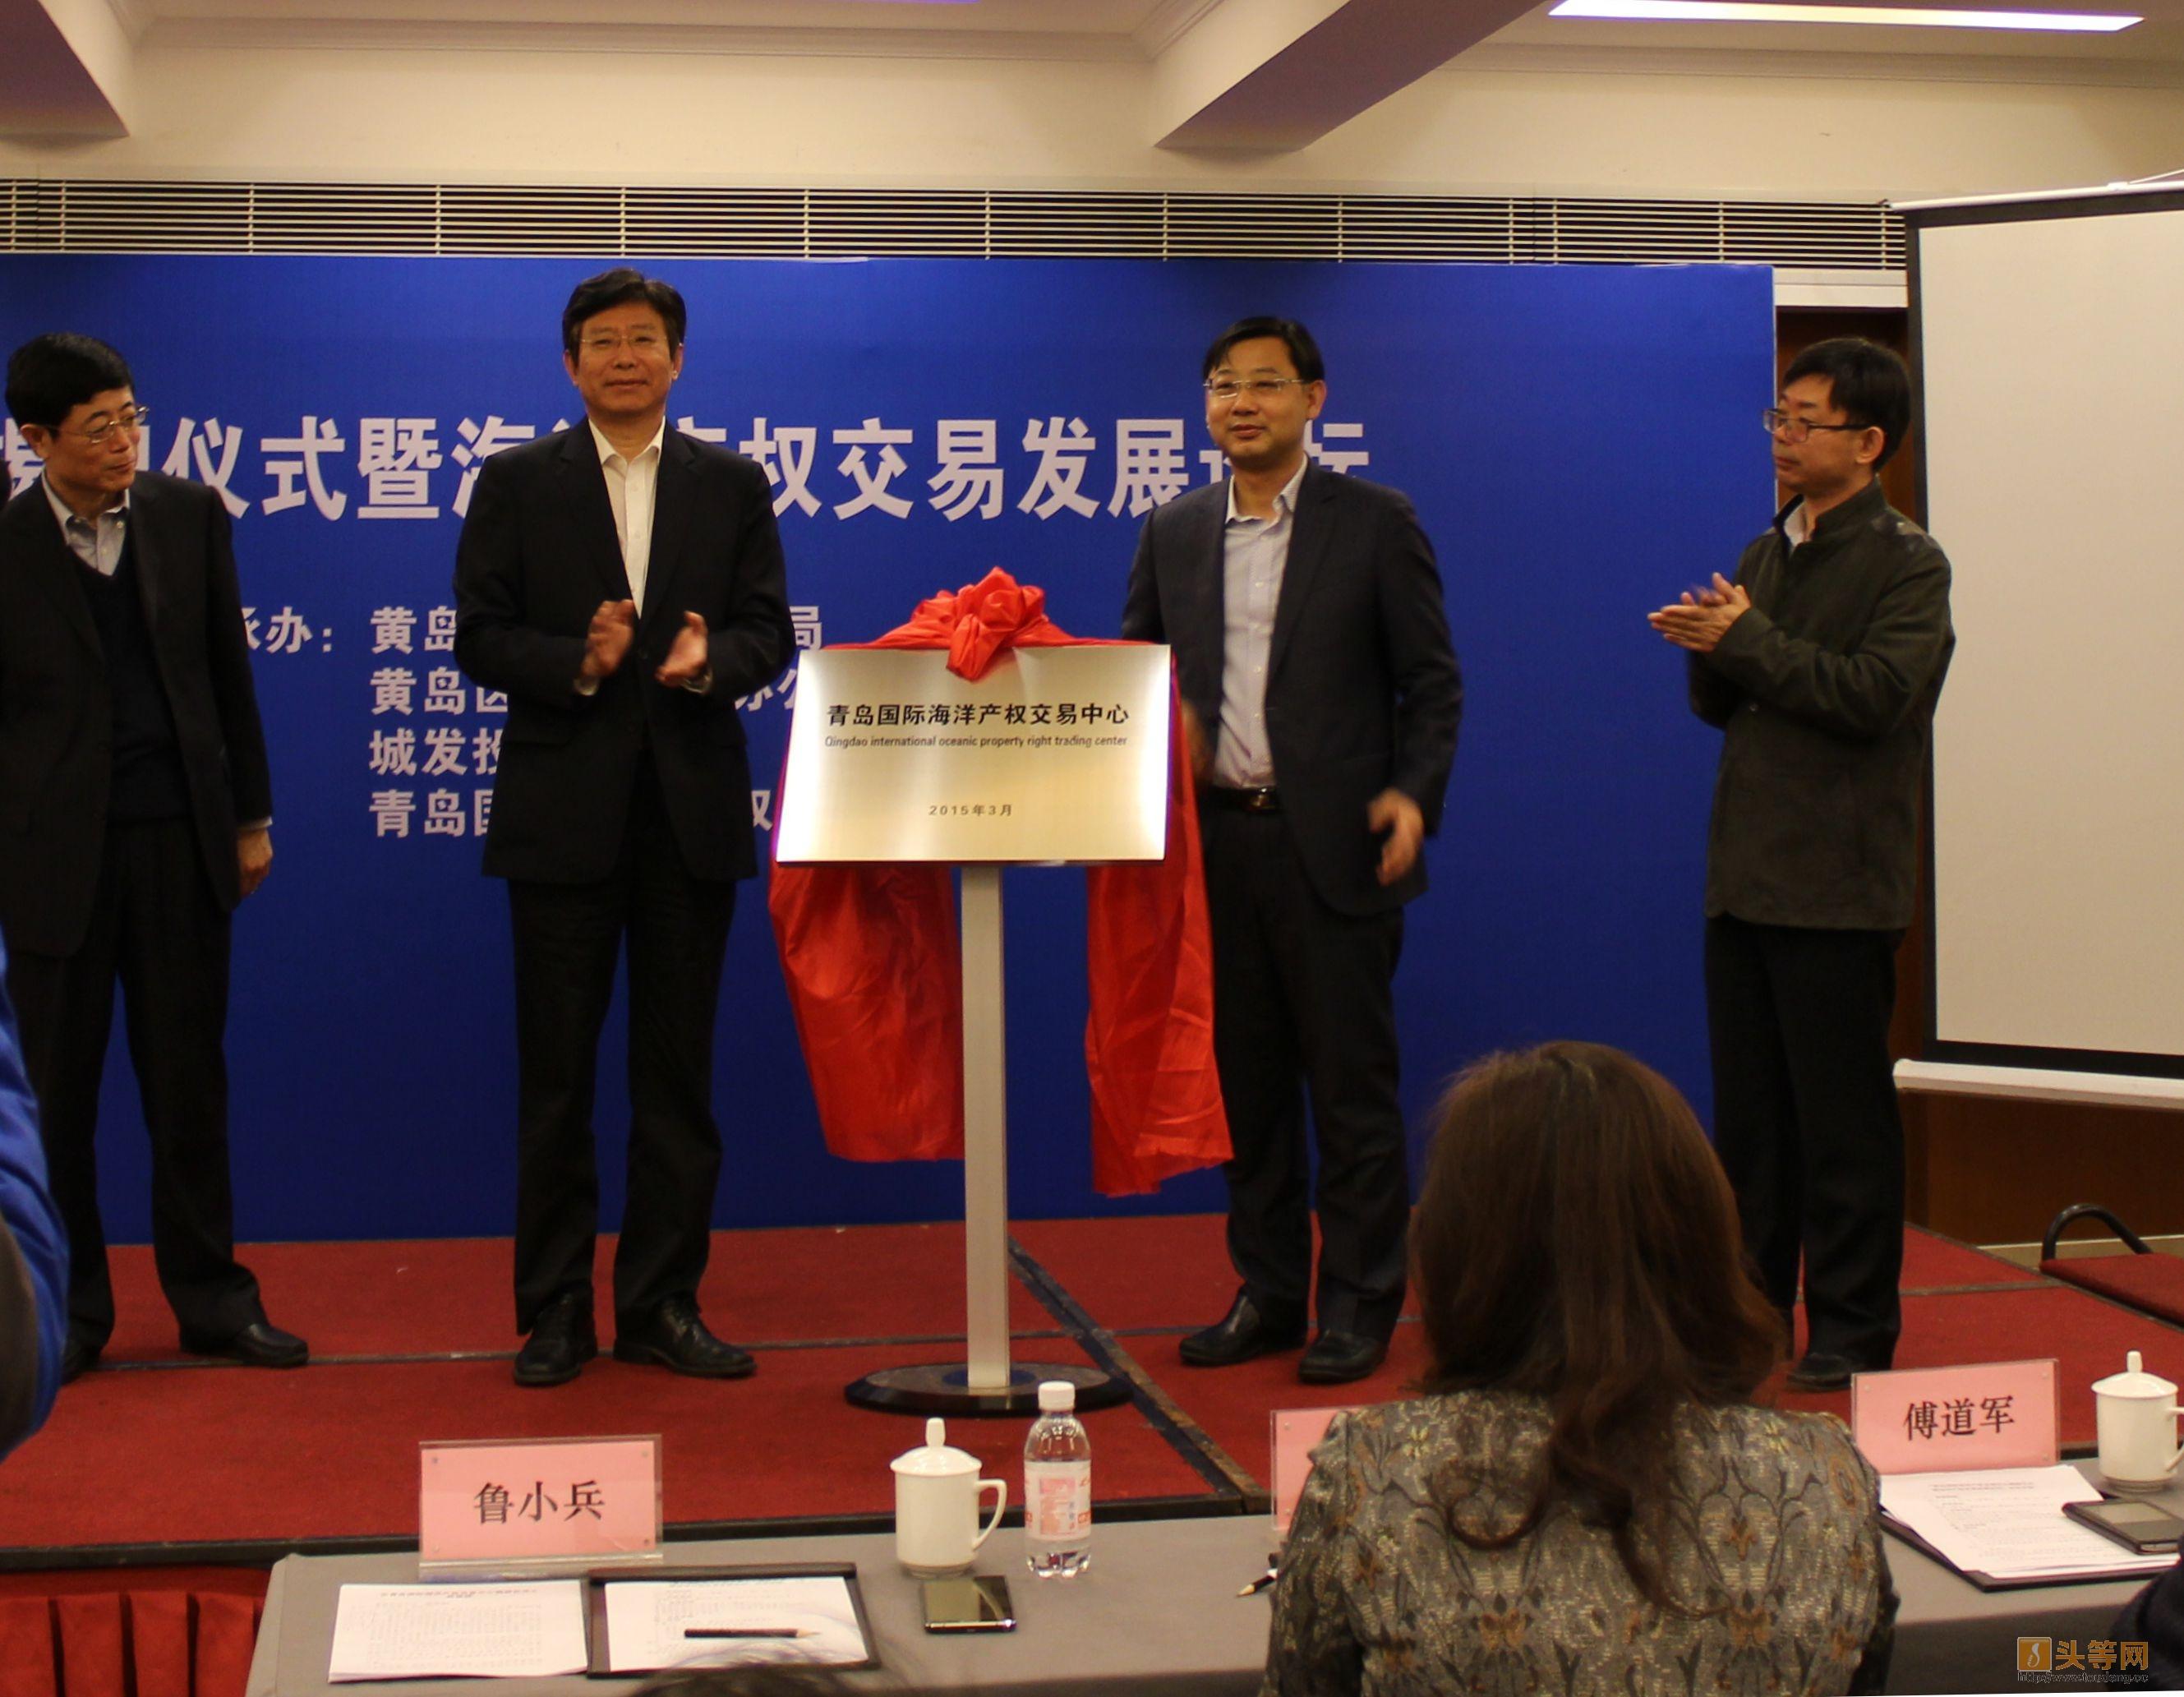 青岛国际海洋产权交易中心揭牌 为山东首家涉蓝产权交易平台